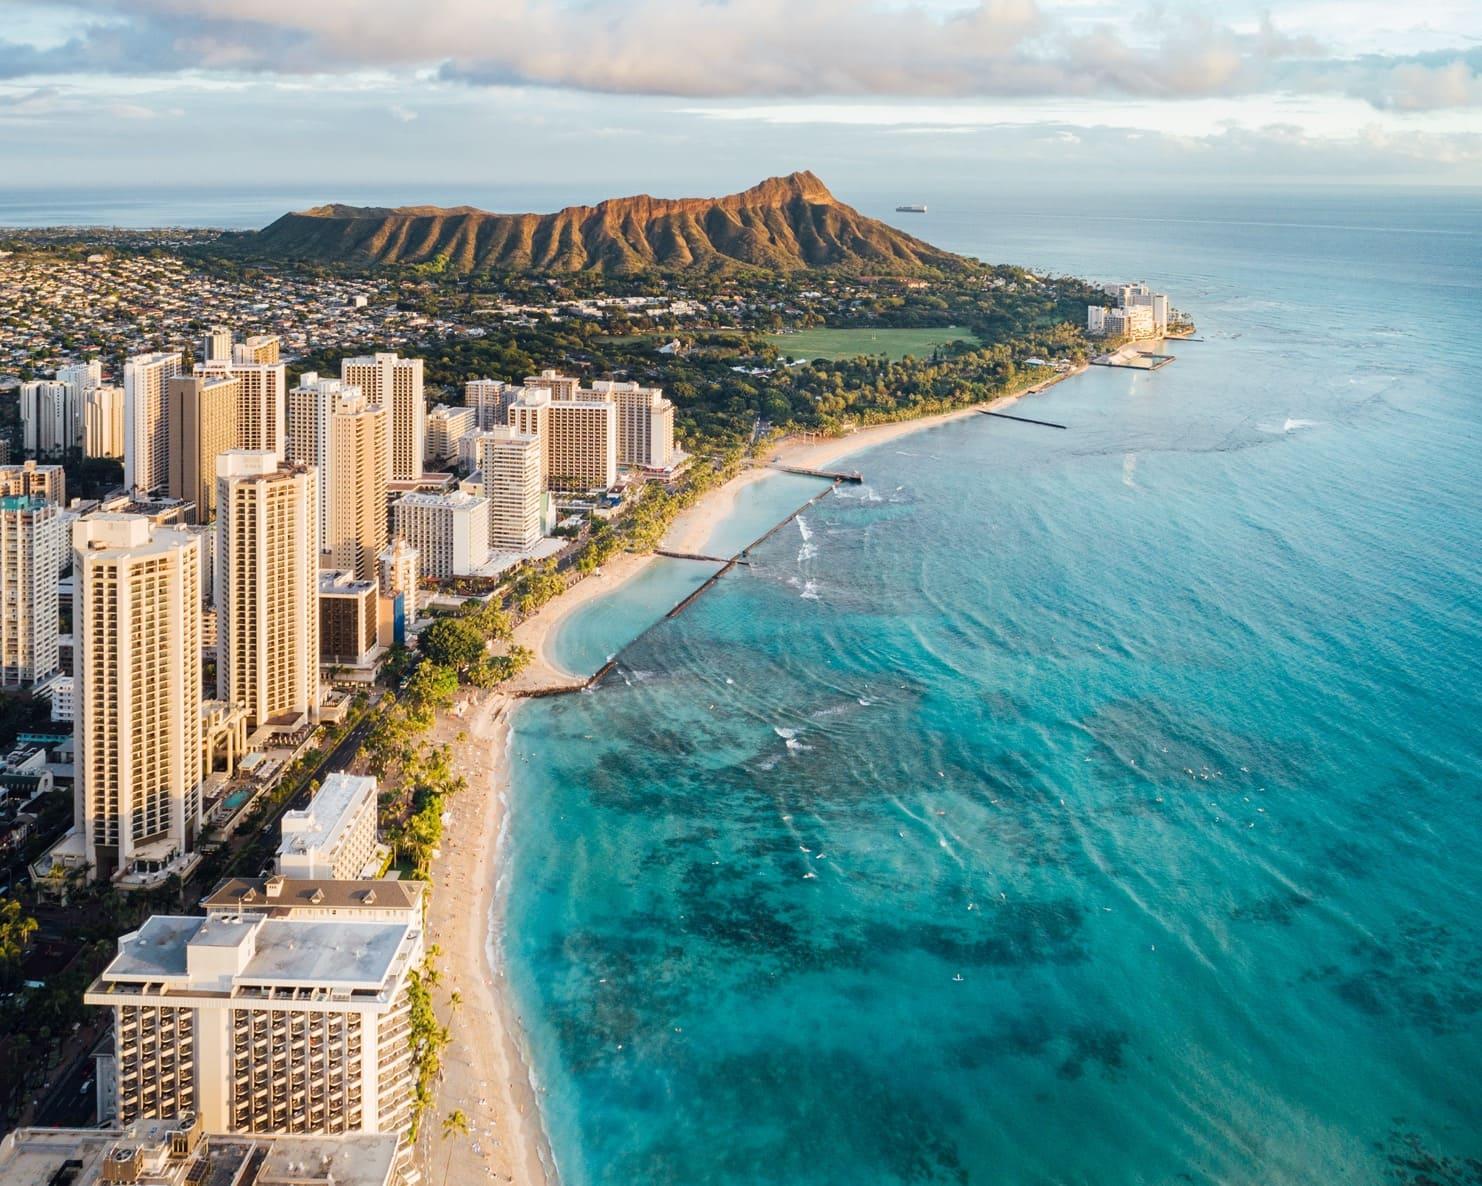 جزیره اوآهو هاوائی (O'ahu) - مجله تاپ تراول به همراه تصاویر و توضیحات